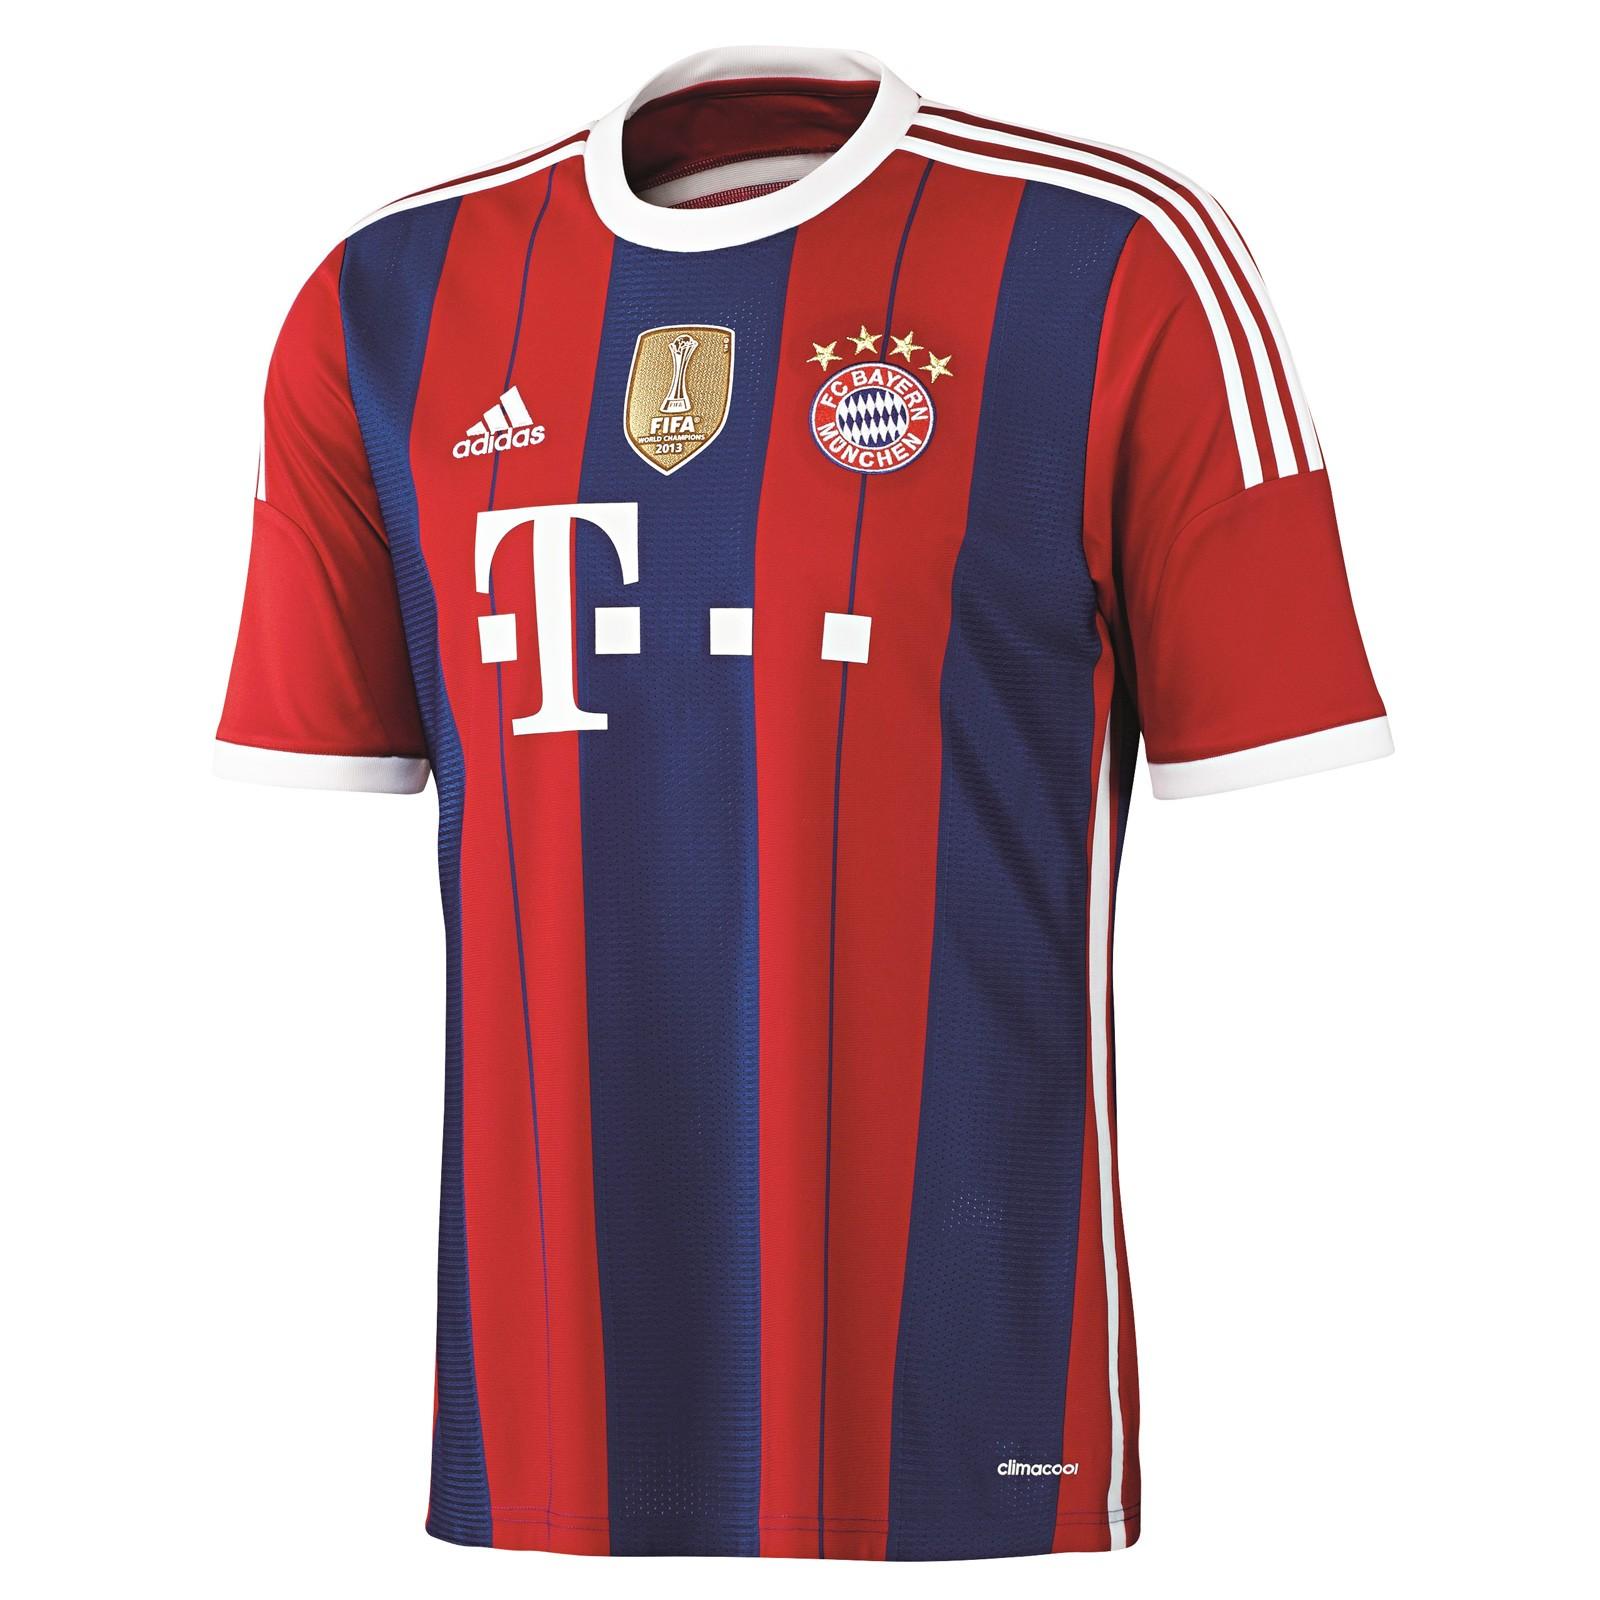 拜仁慕尼黑2014-15赛季球迷版主场球衣